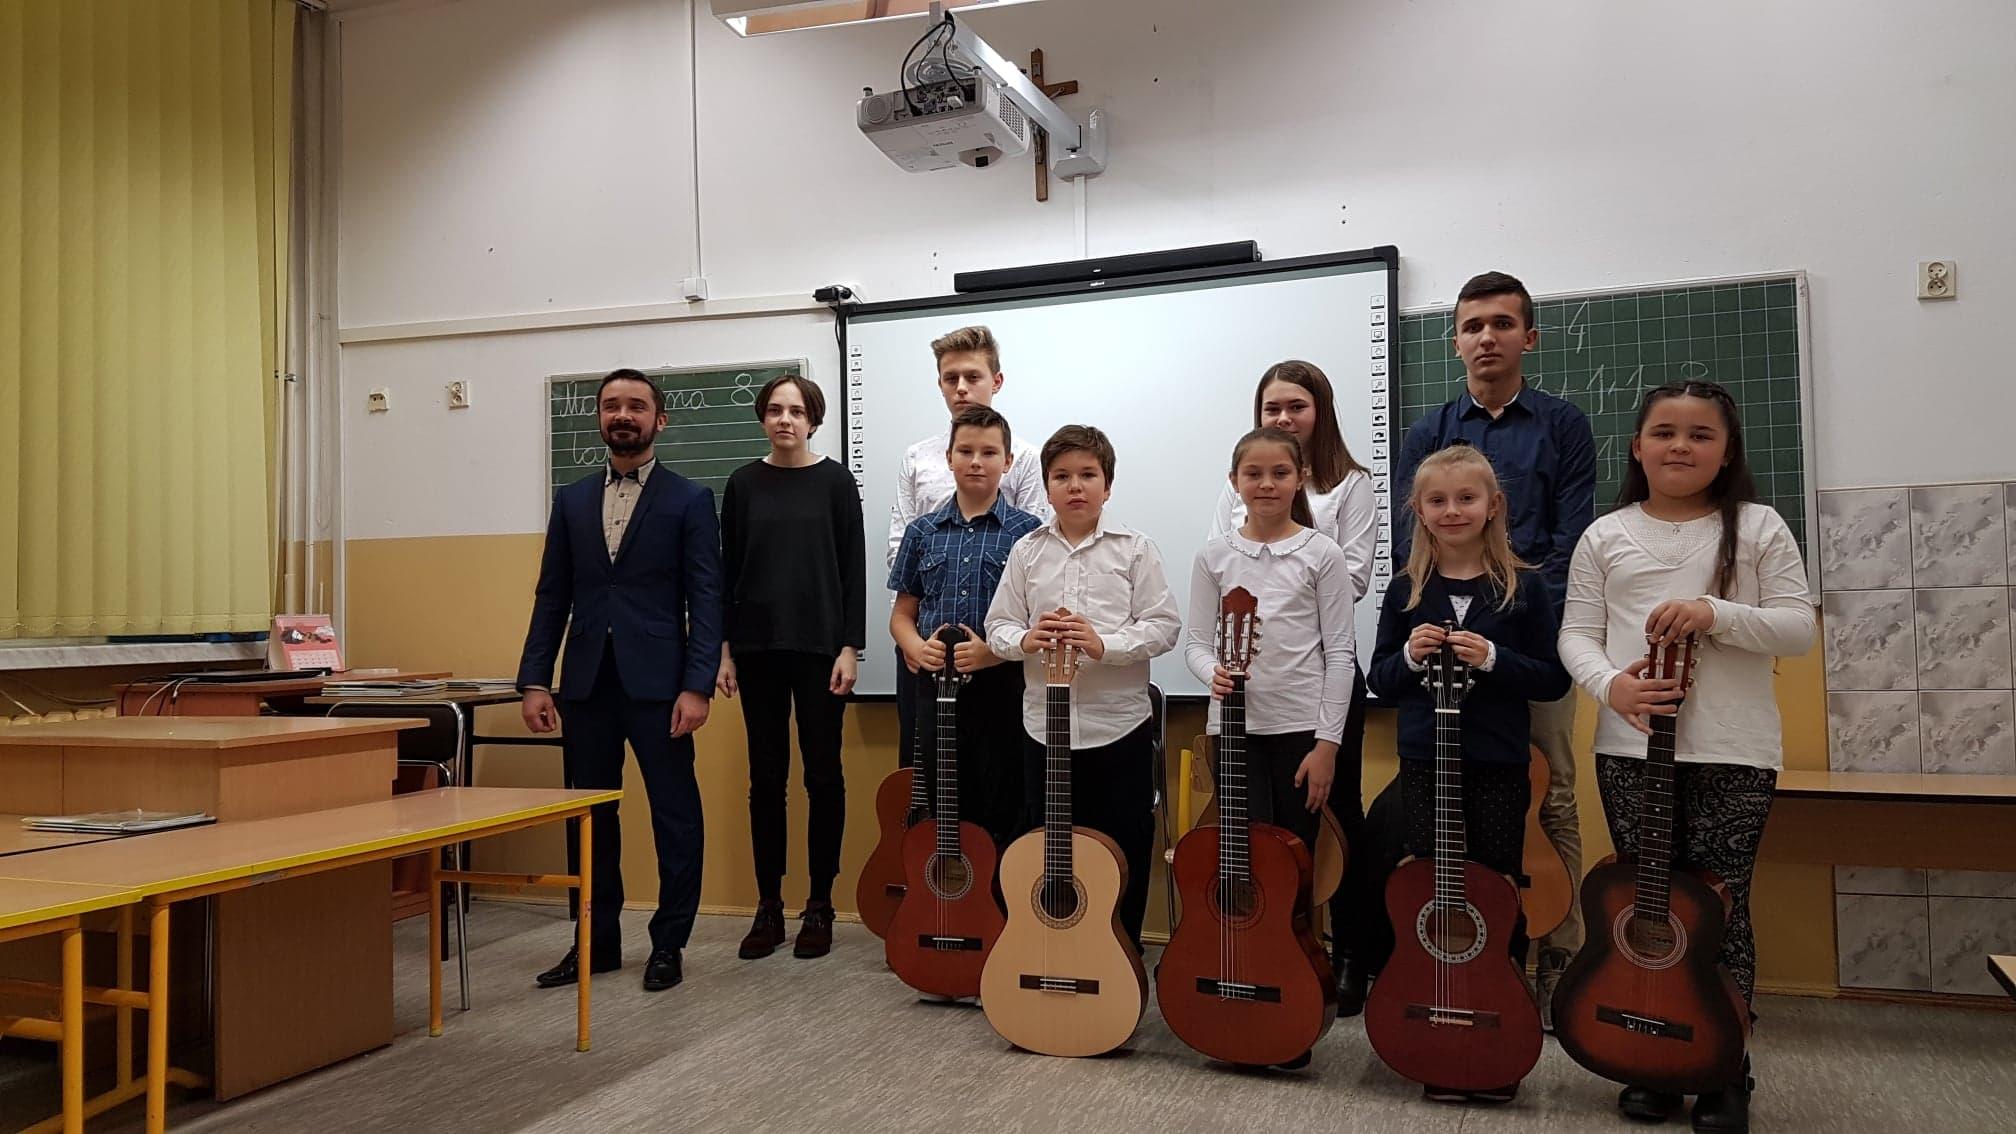 Fotorelacja z Audycji klasy gitary Krzysztofa Przybyło